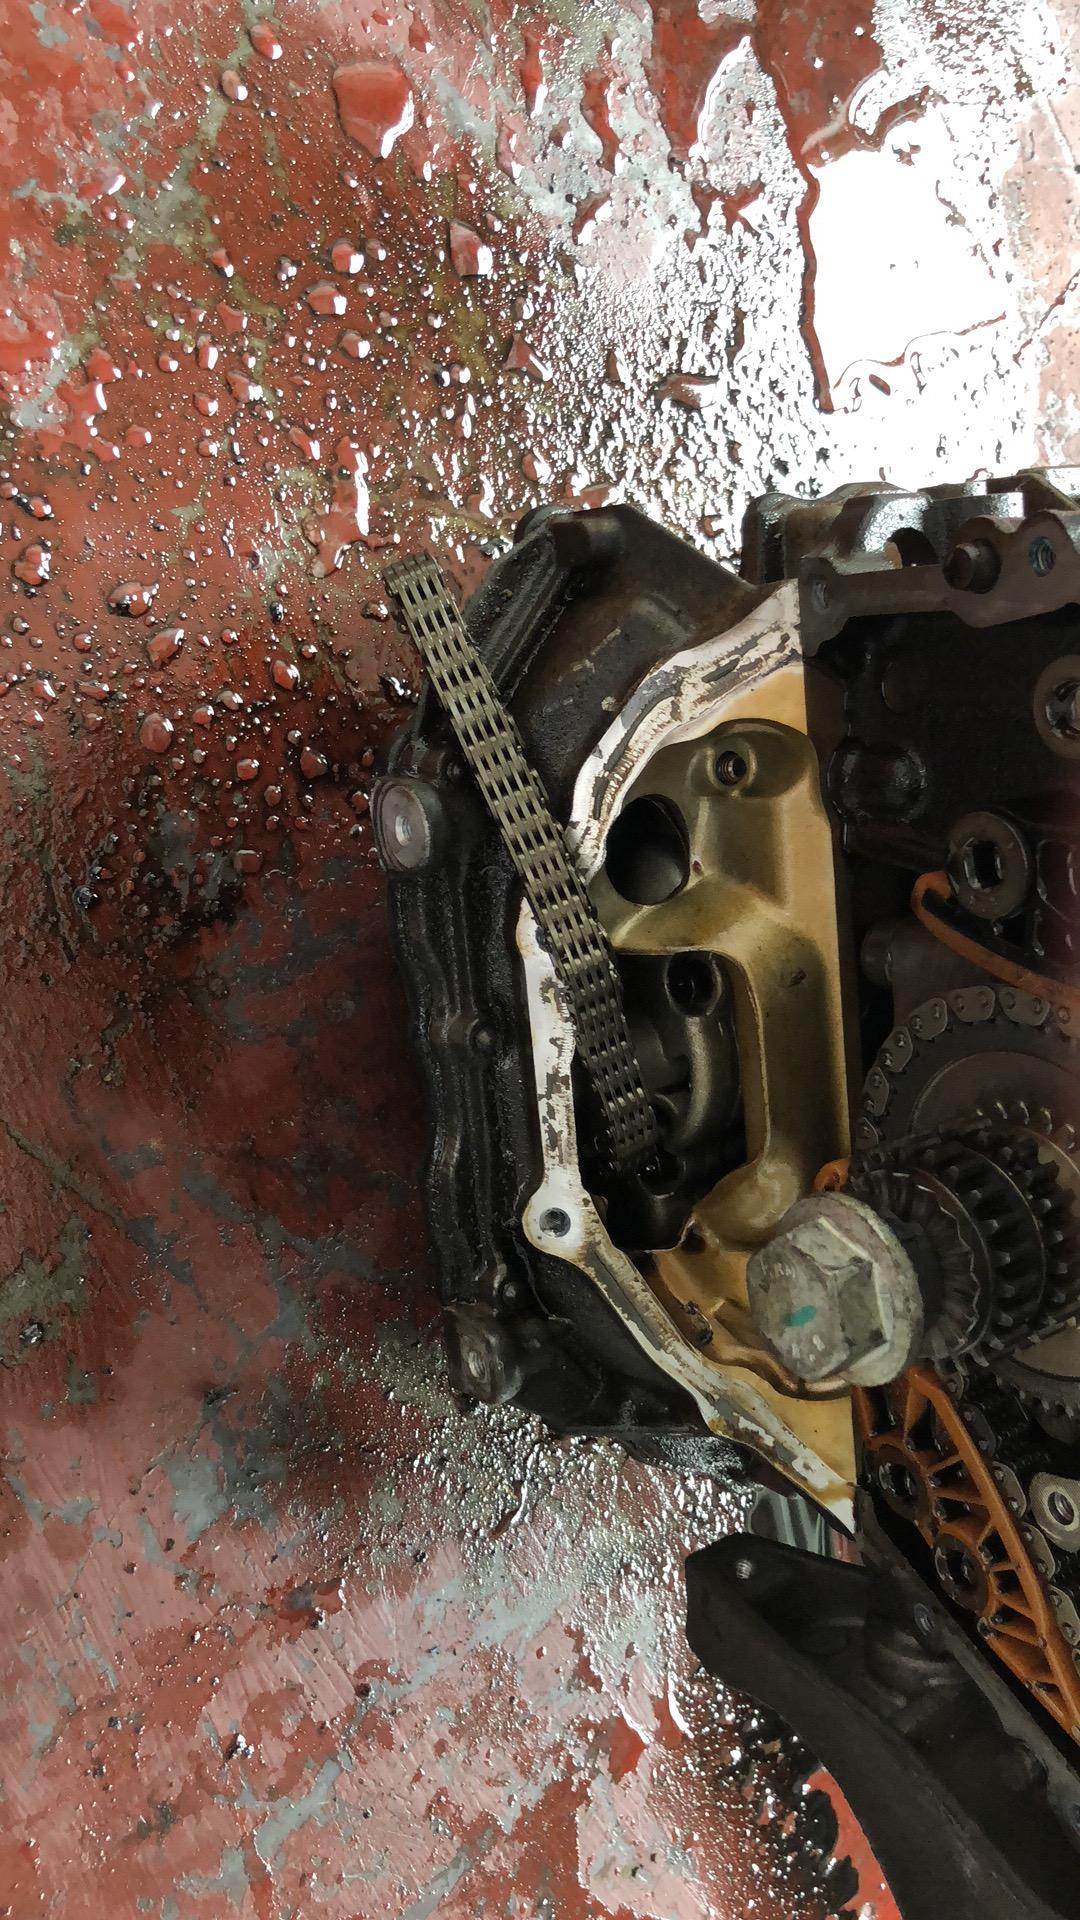 大众-速腾 EA888二代发动机涨紧器存在质量缺陷,正时链条跳齿